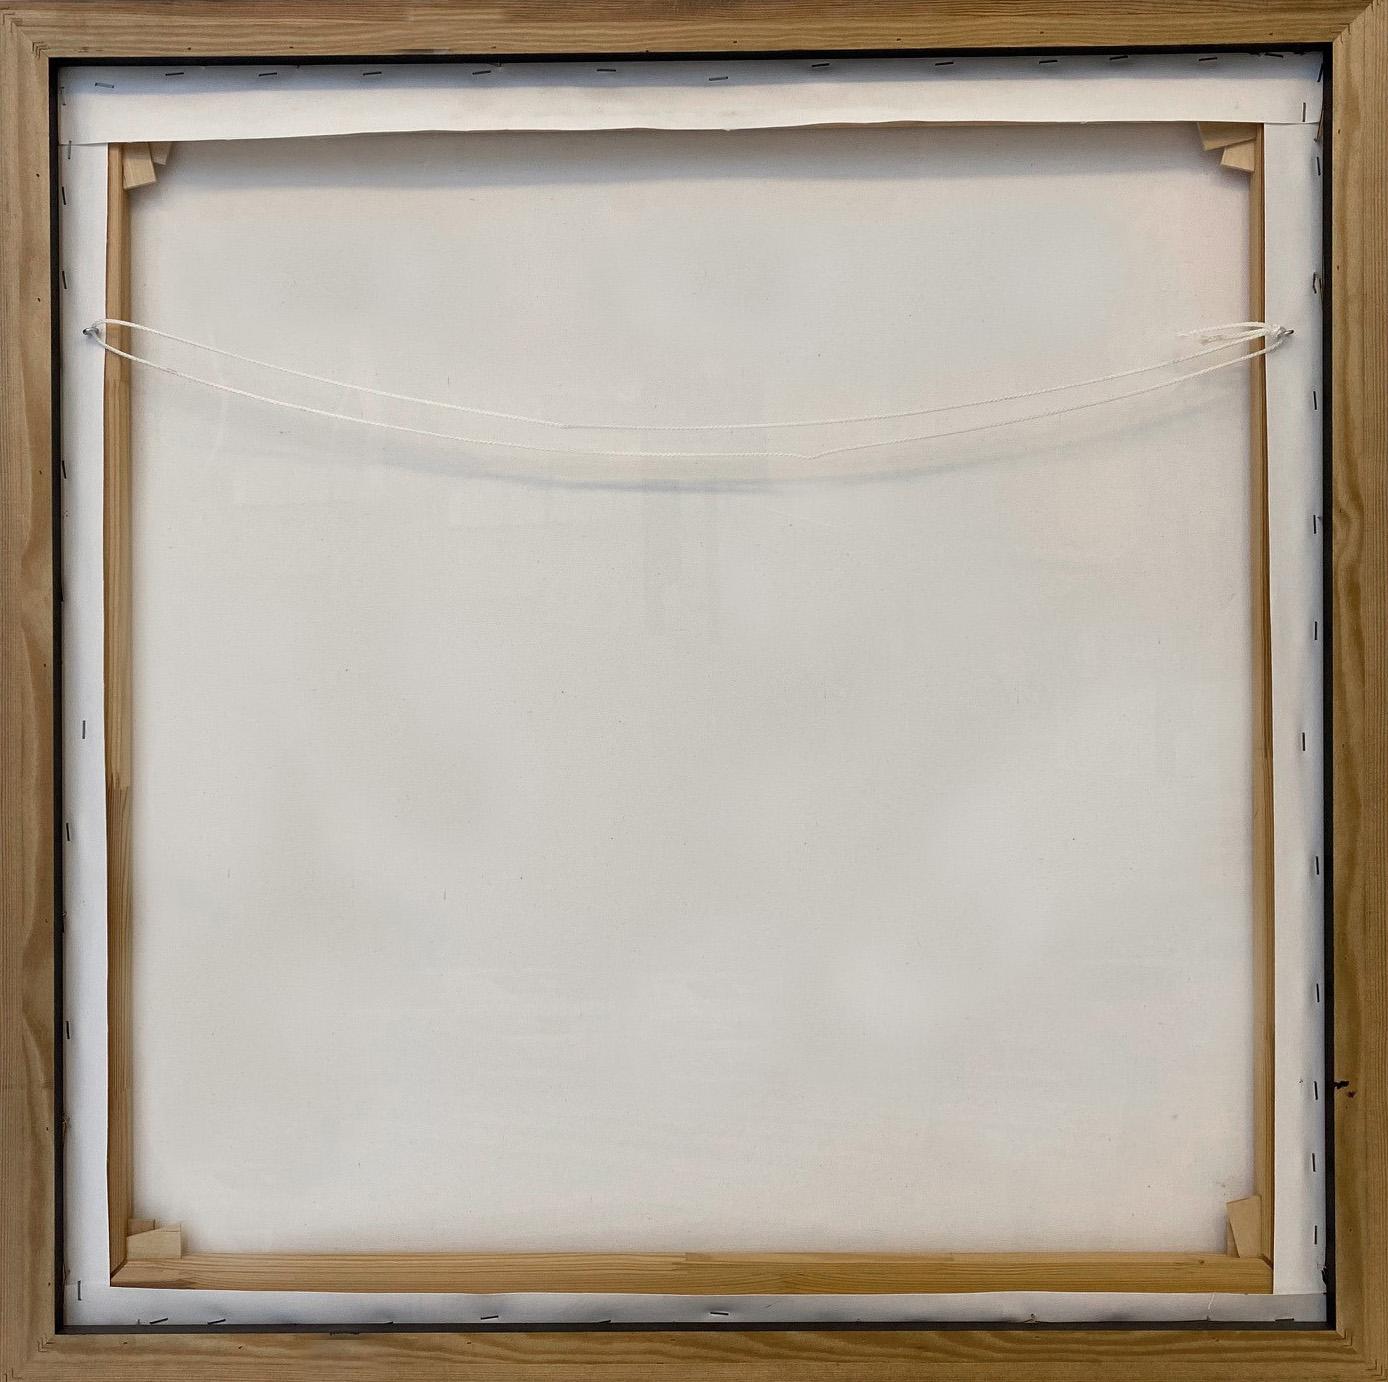 Bonnie Parker | Kunst | Detail 1